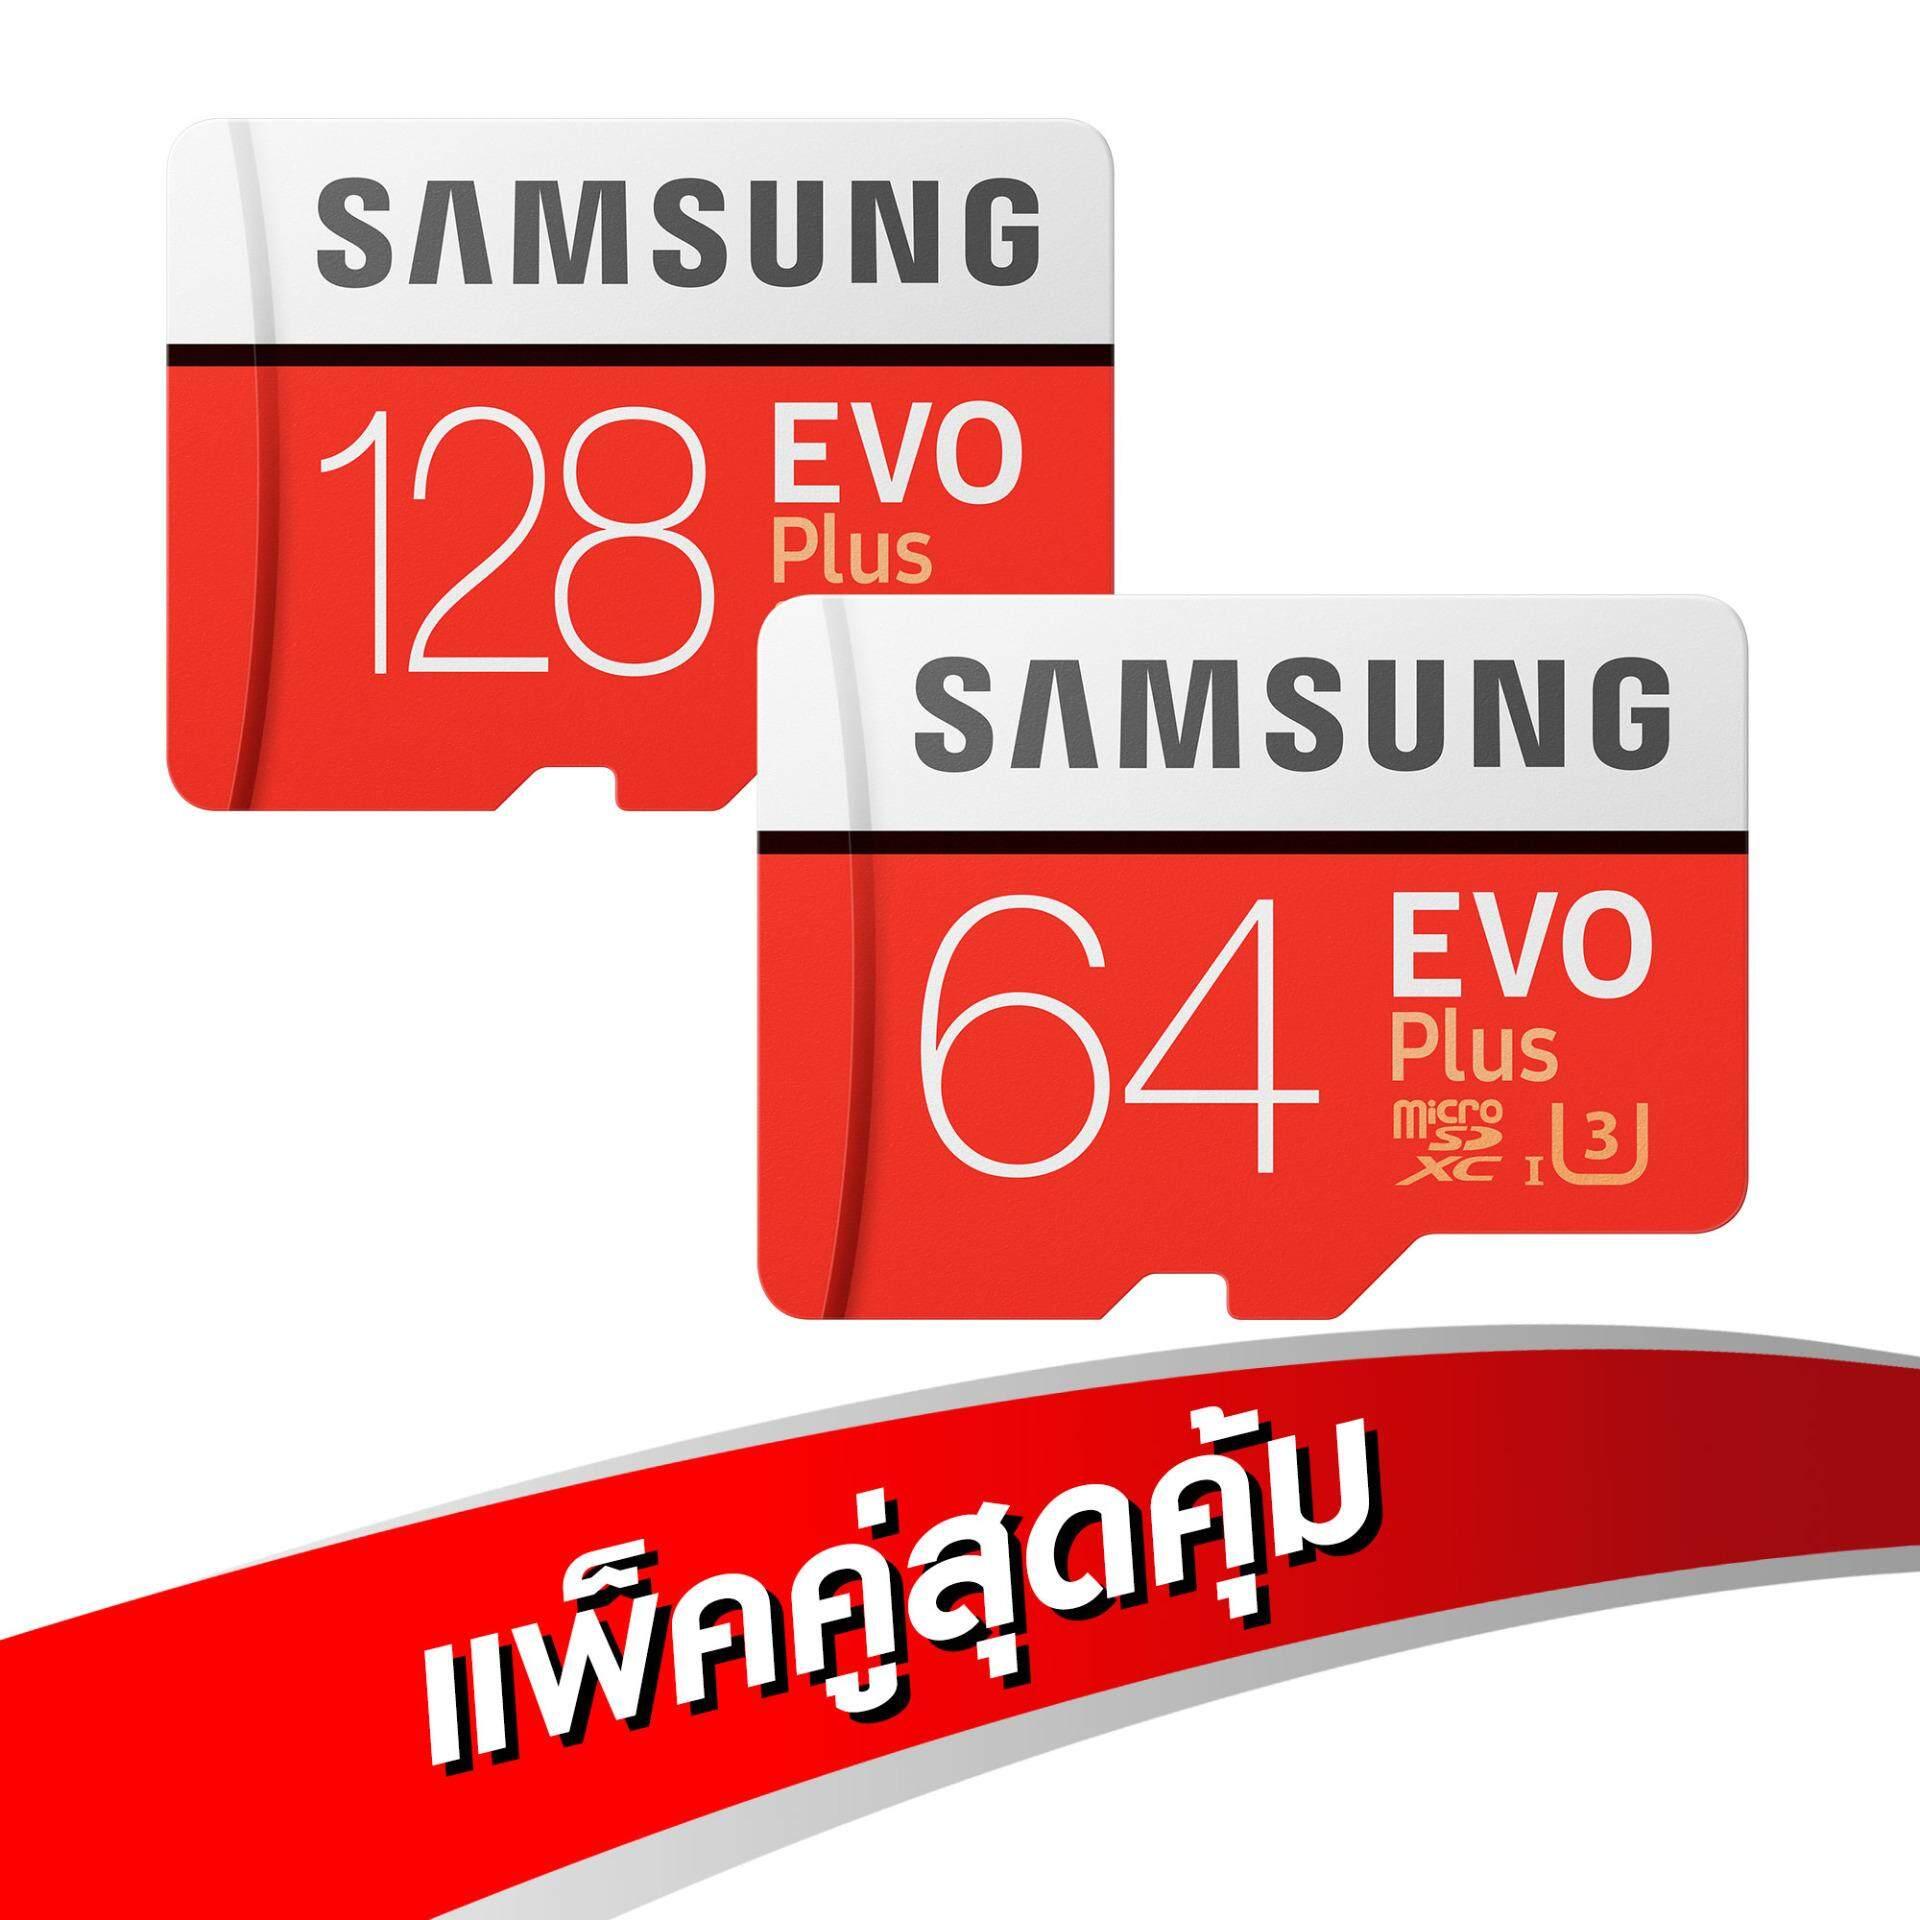 ส่วนลด Samsung Evo Plus Microsd Card ความจุ 128Gb แพ๊คคู่กับ Microsd Card ความจุ 64Gb